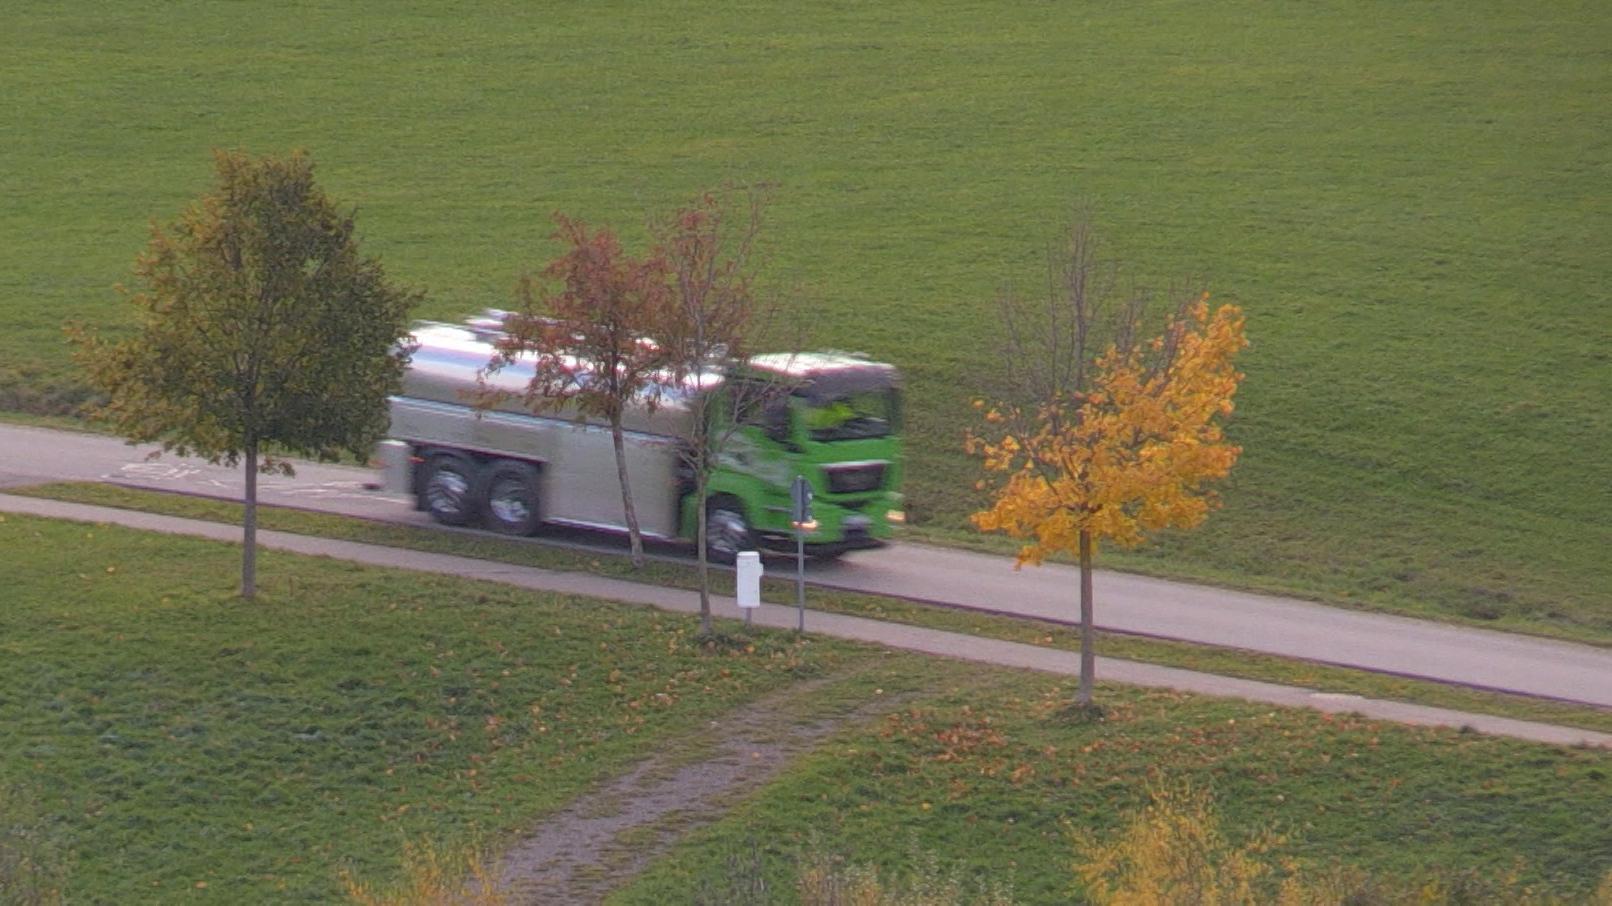 Ein Tanklaster bringt Wasser nach Wiggensbach.